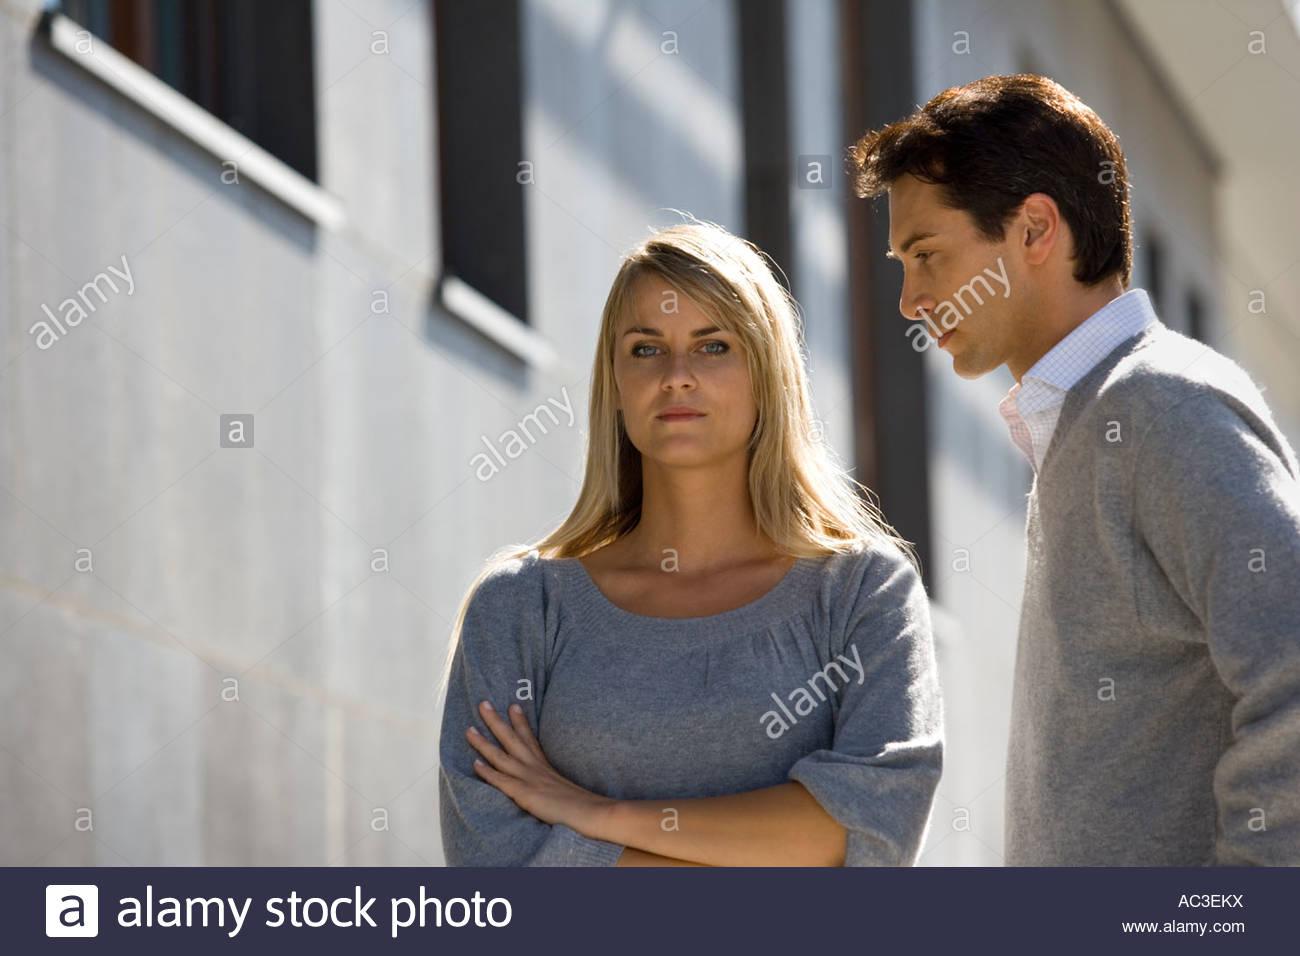 An unhappy couple - Stock Image